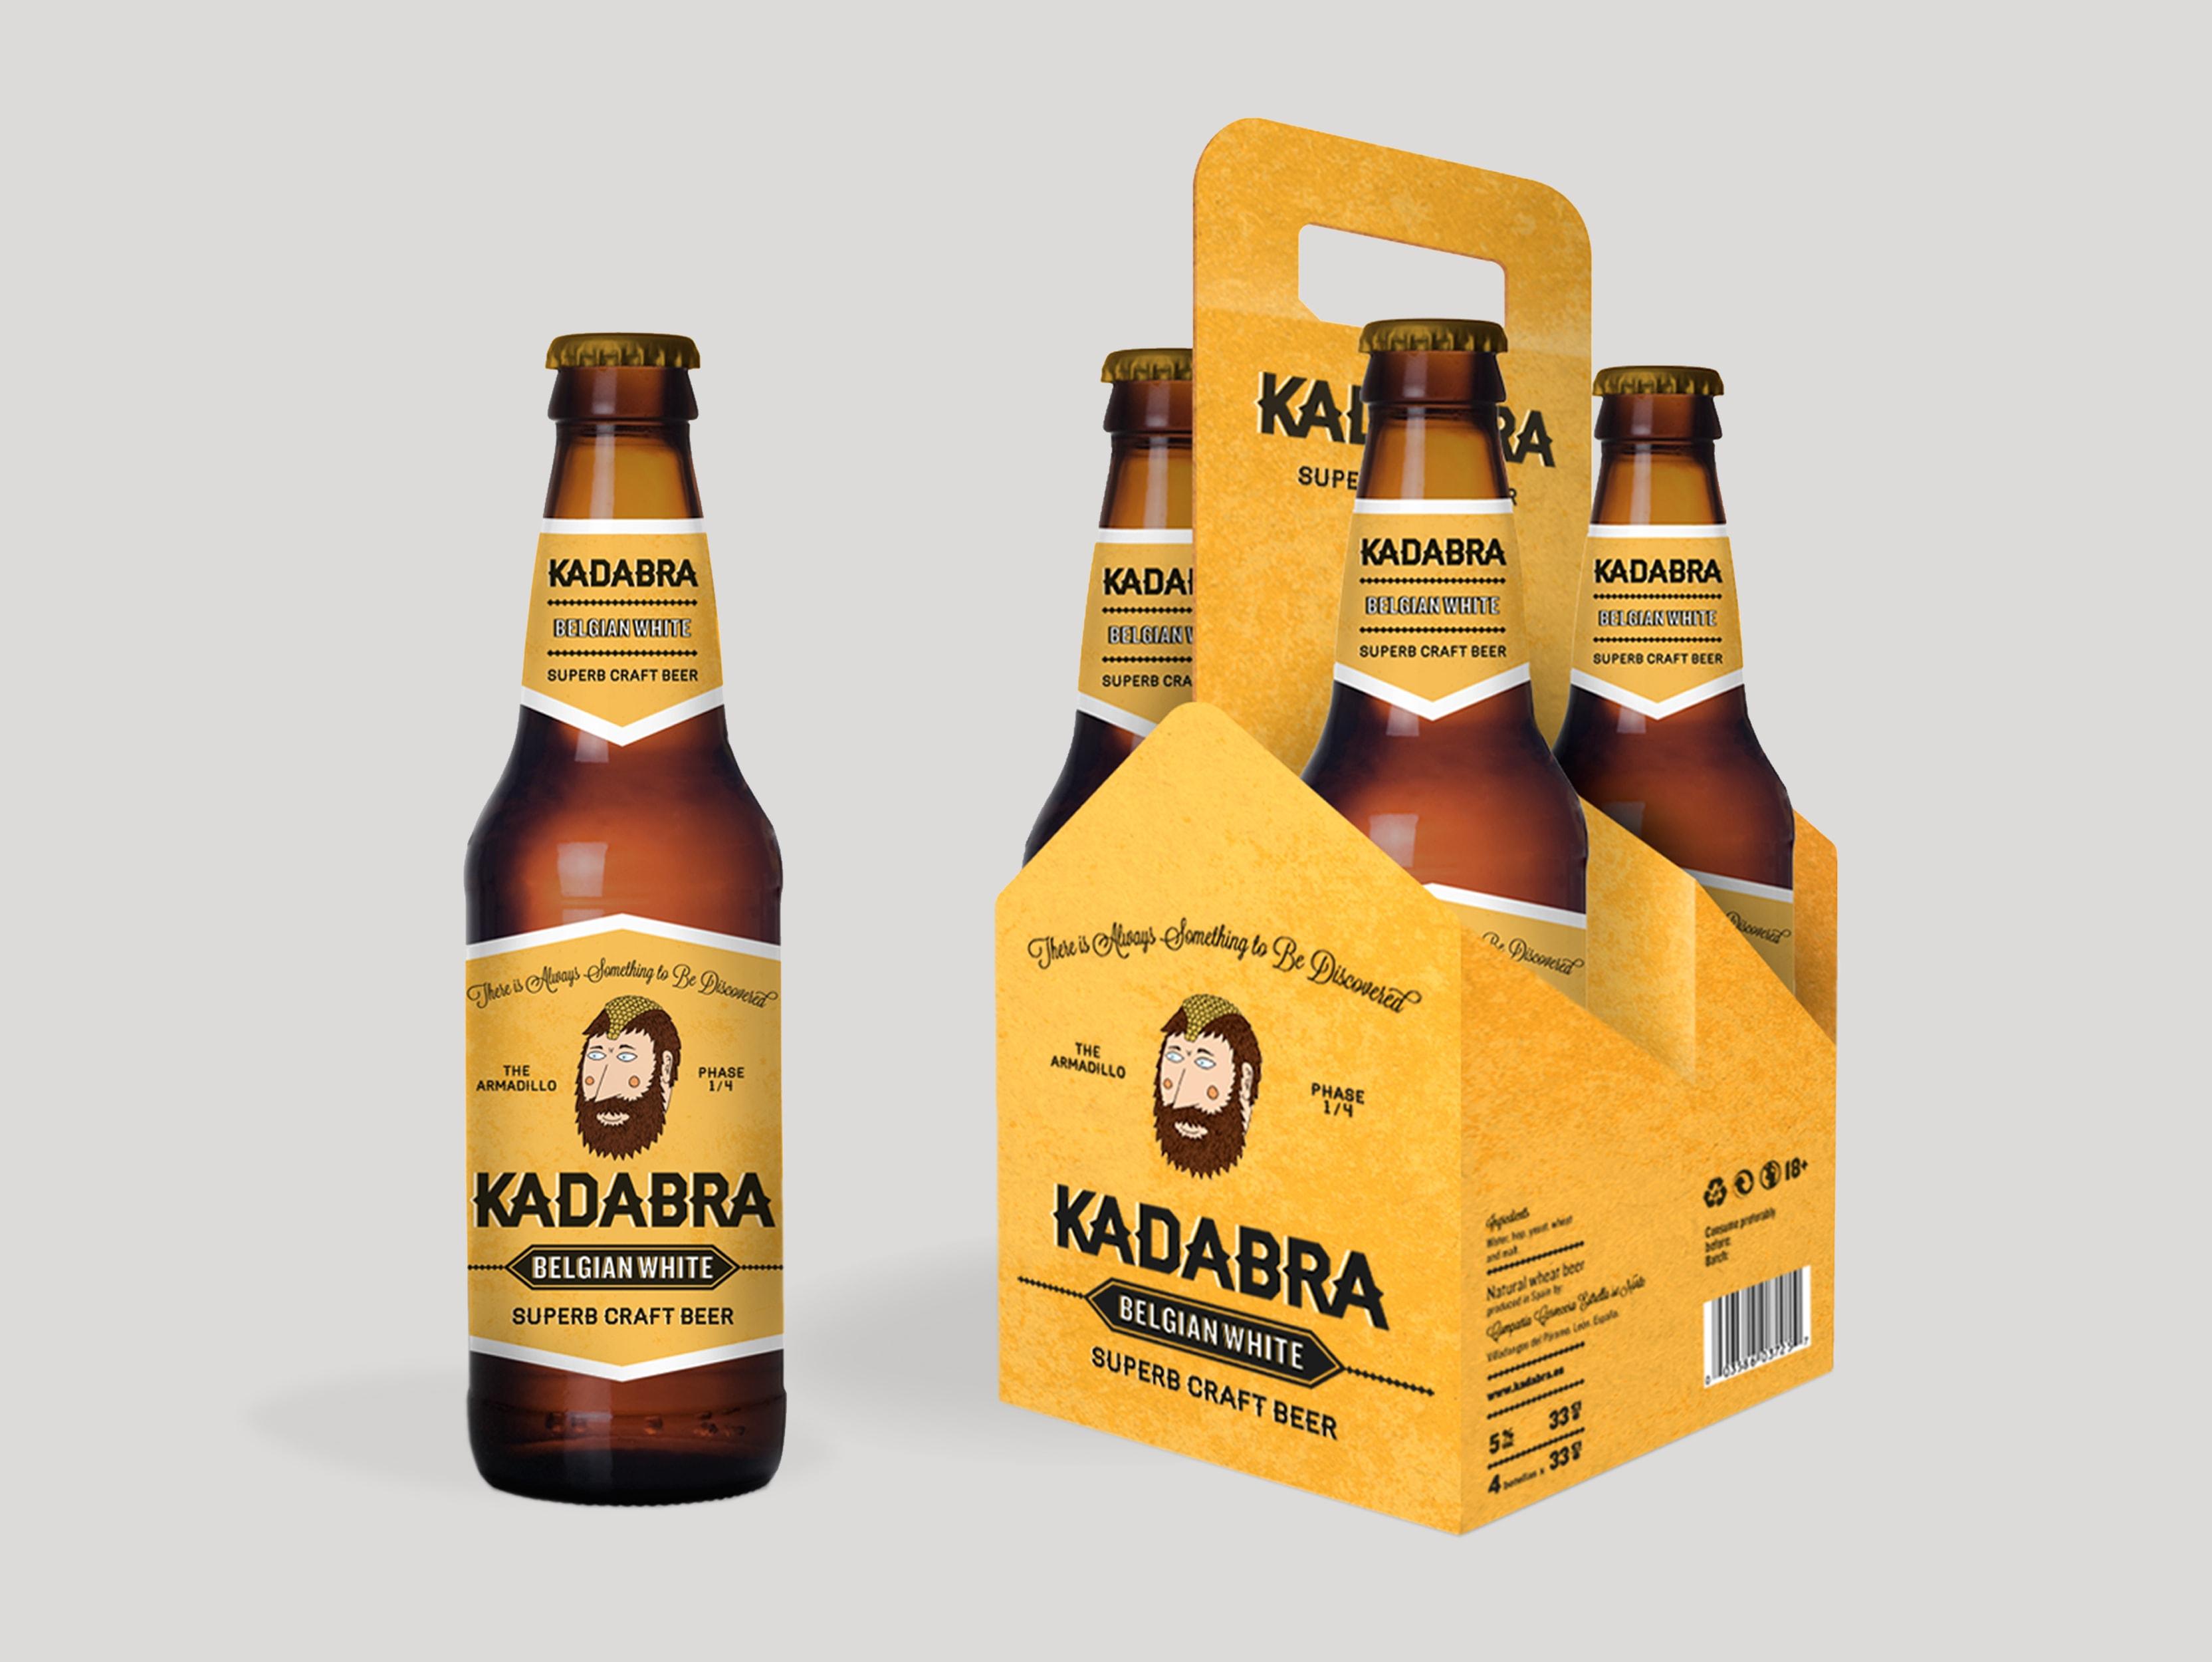 diseño packaging kadabra